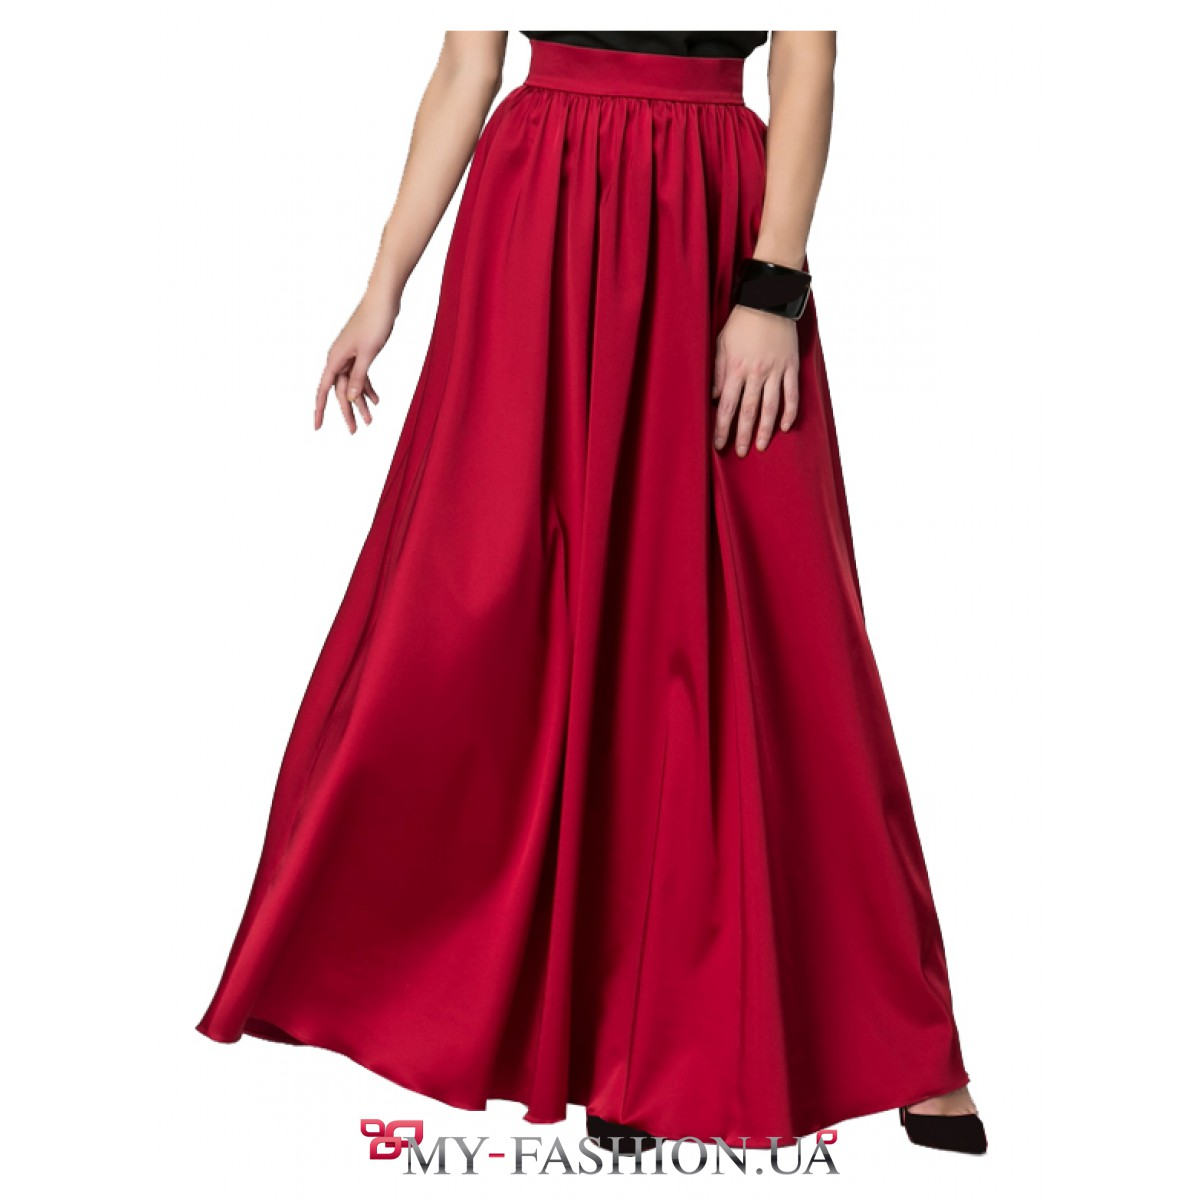 Красная юбка длинная купить